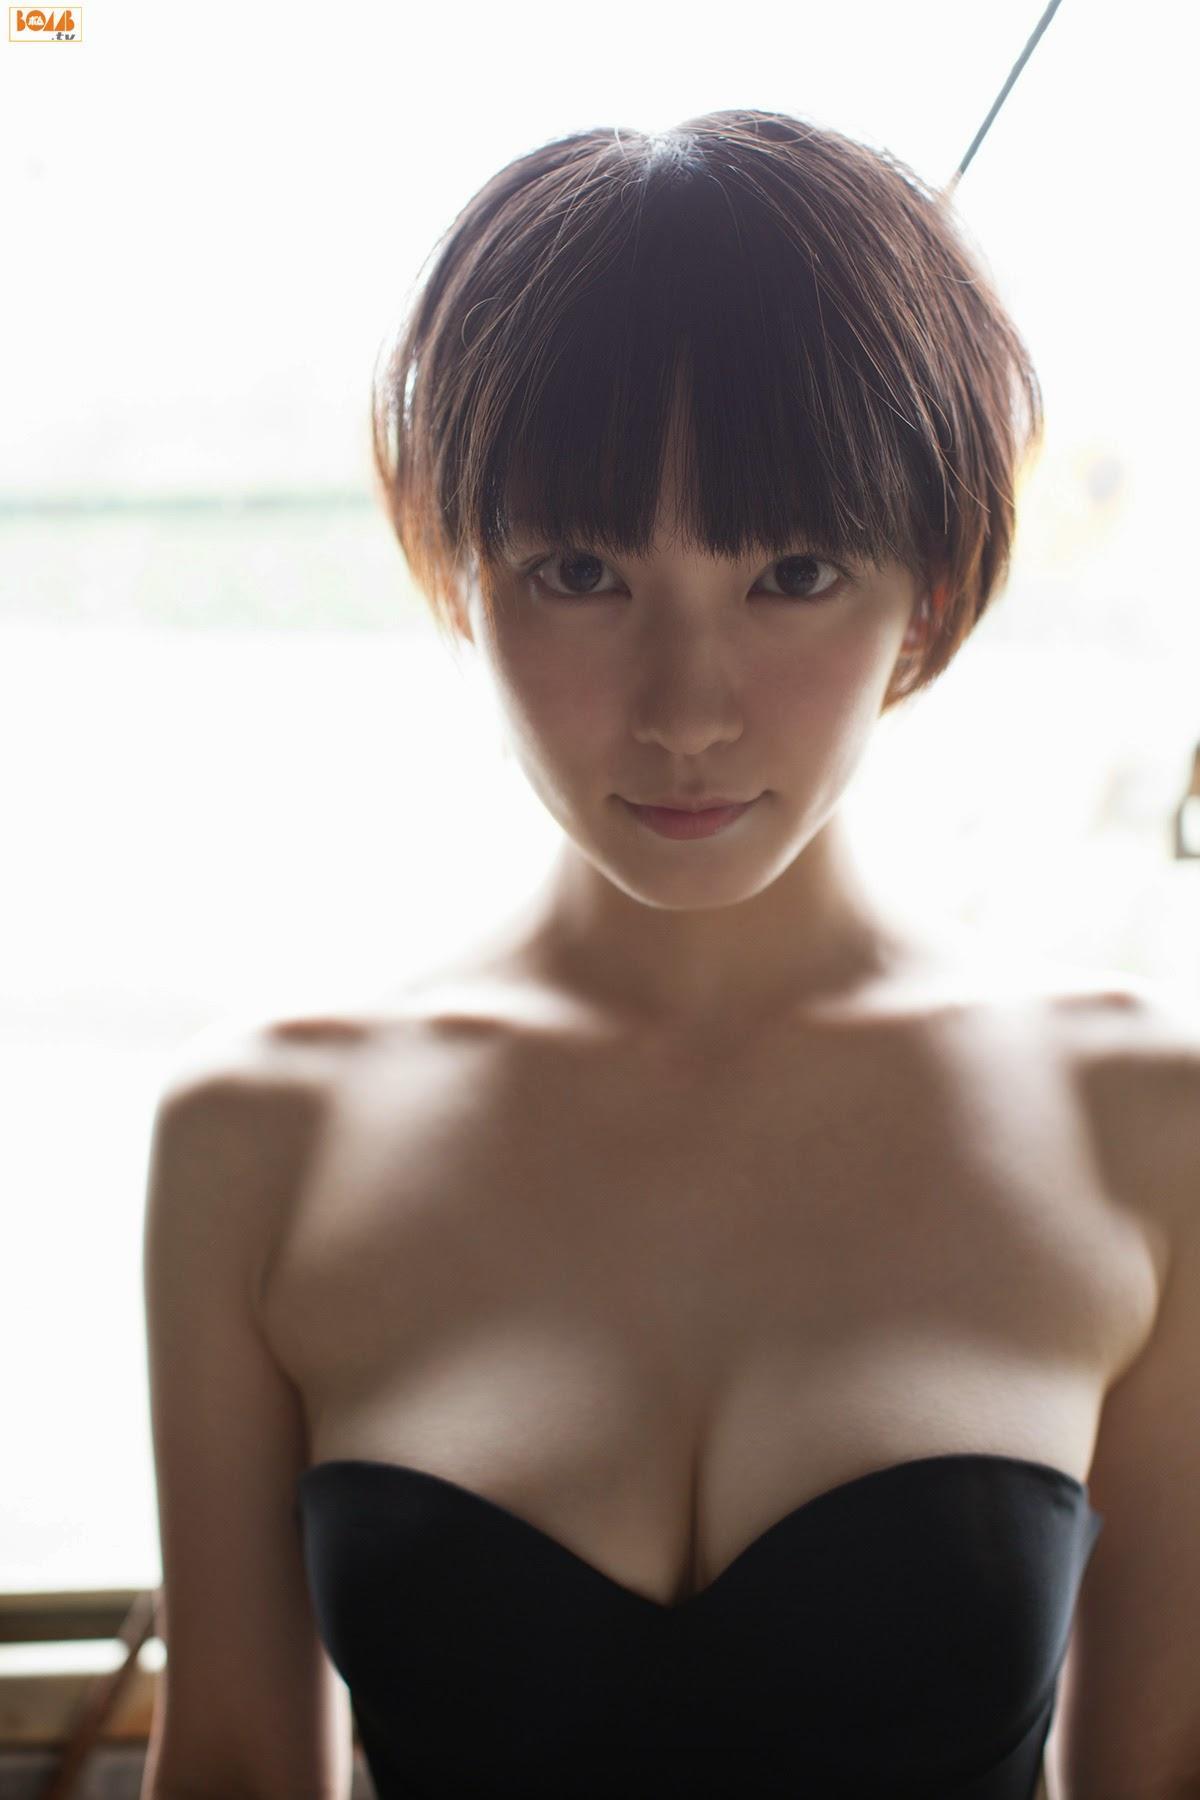 デビュー当時から存在がかわいいと言われるほど可愛かった吉岡里帆ってどの画像見てもかわいいよな(*´▽`*)ww×37P 表紙